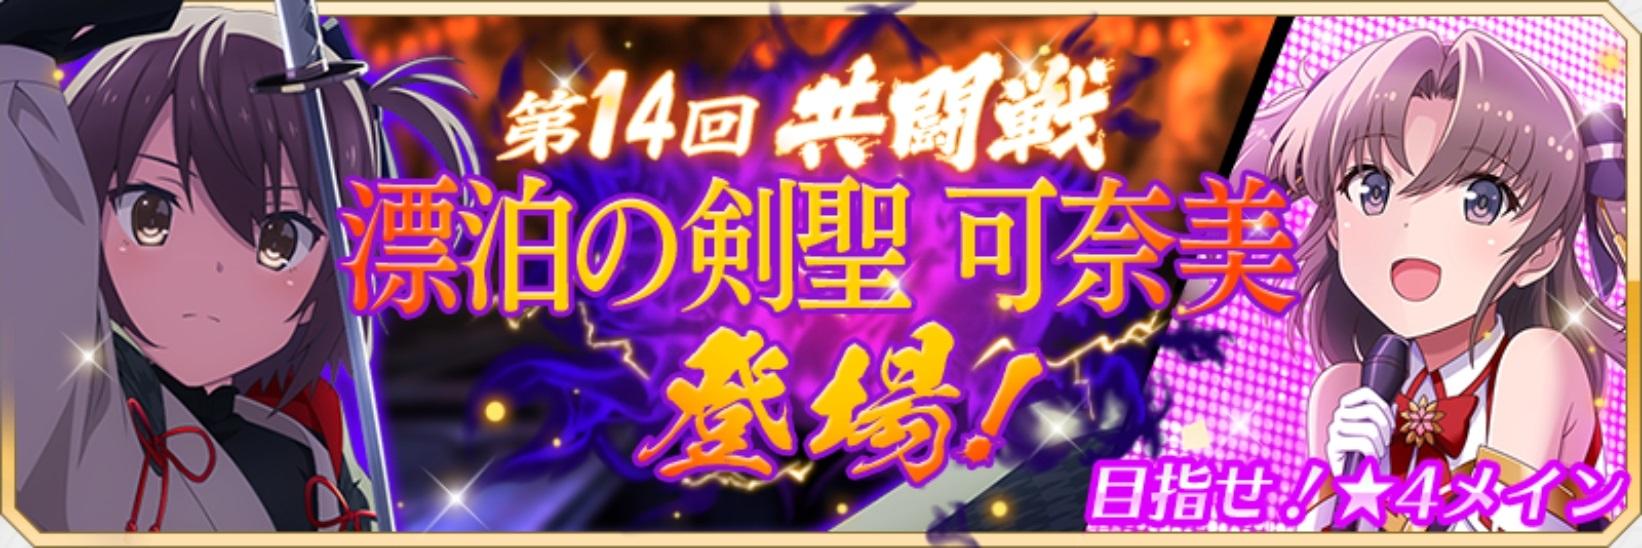 第14回共闘戦.jpg